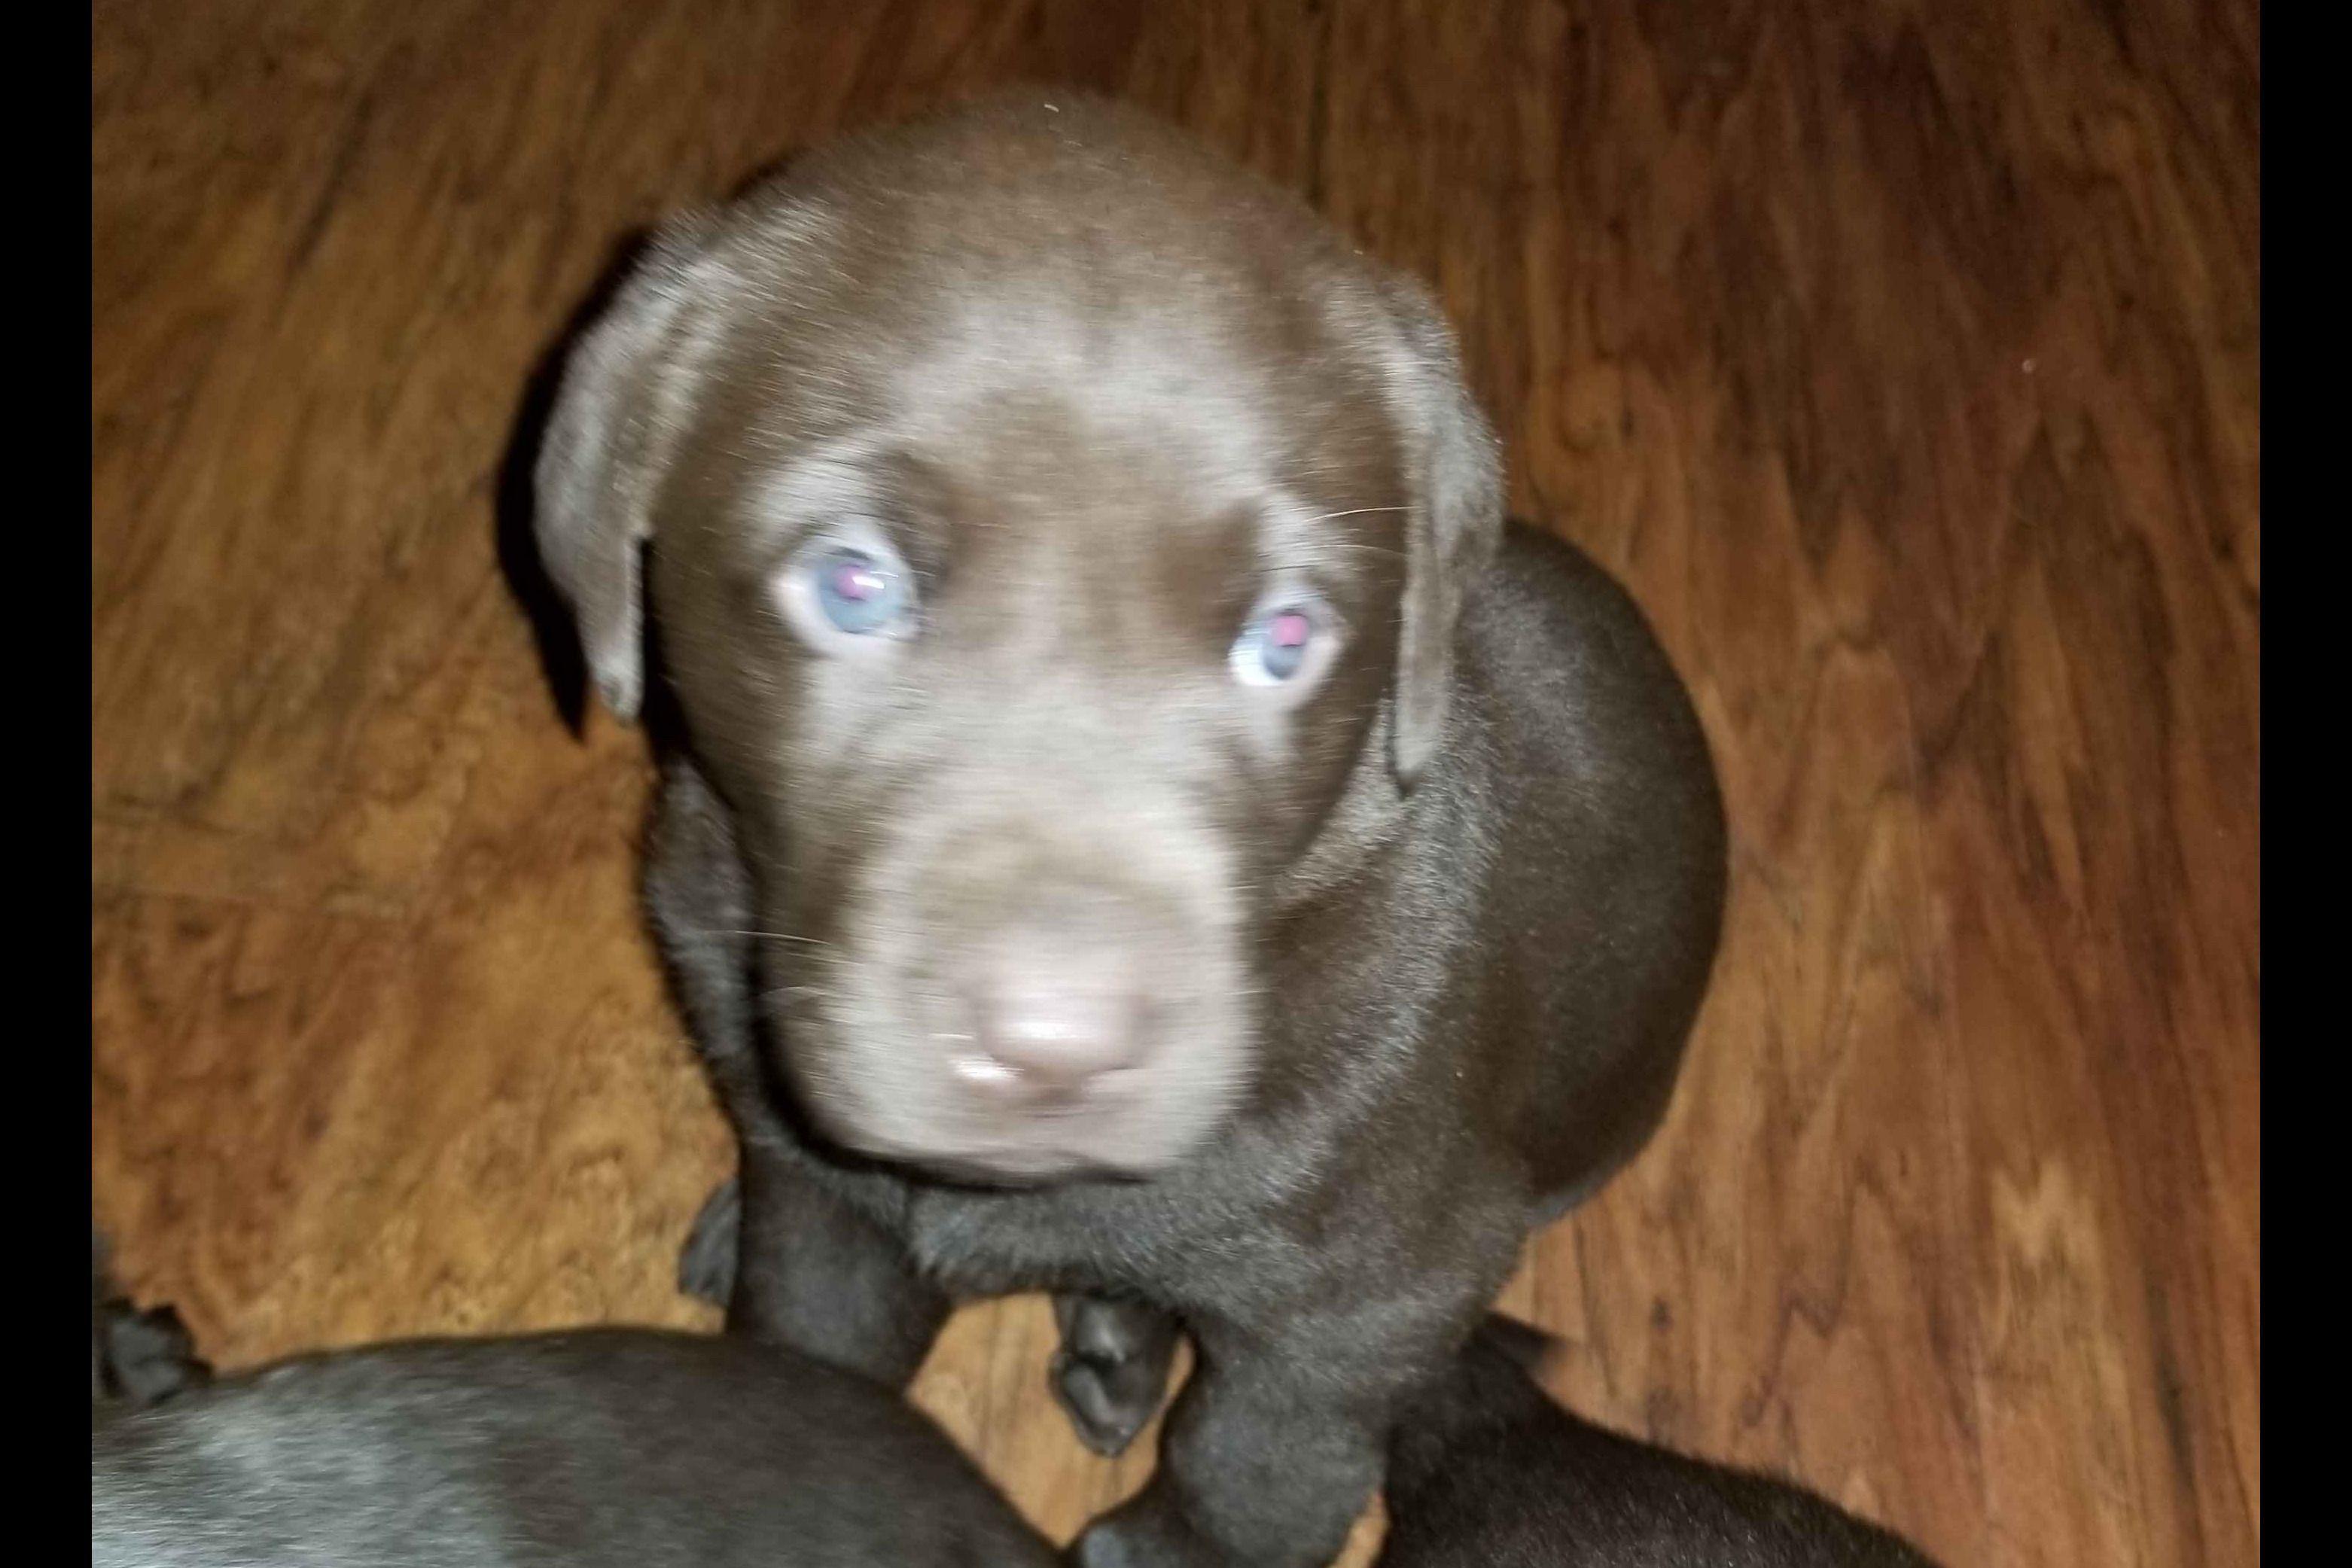 Victoria Carlisle Has Labrador Retriever Puppies For Sale In